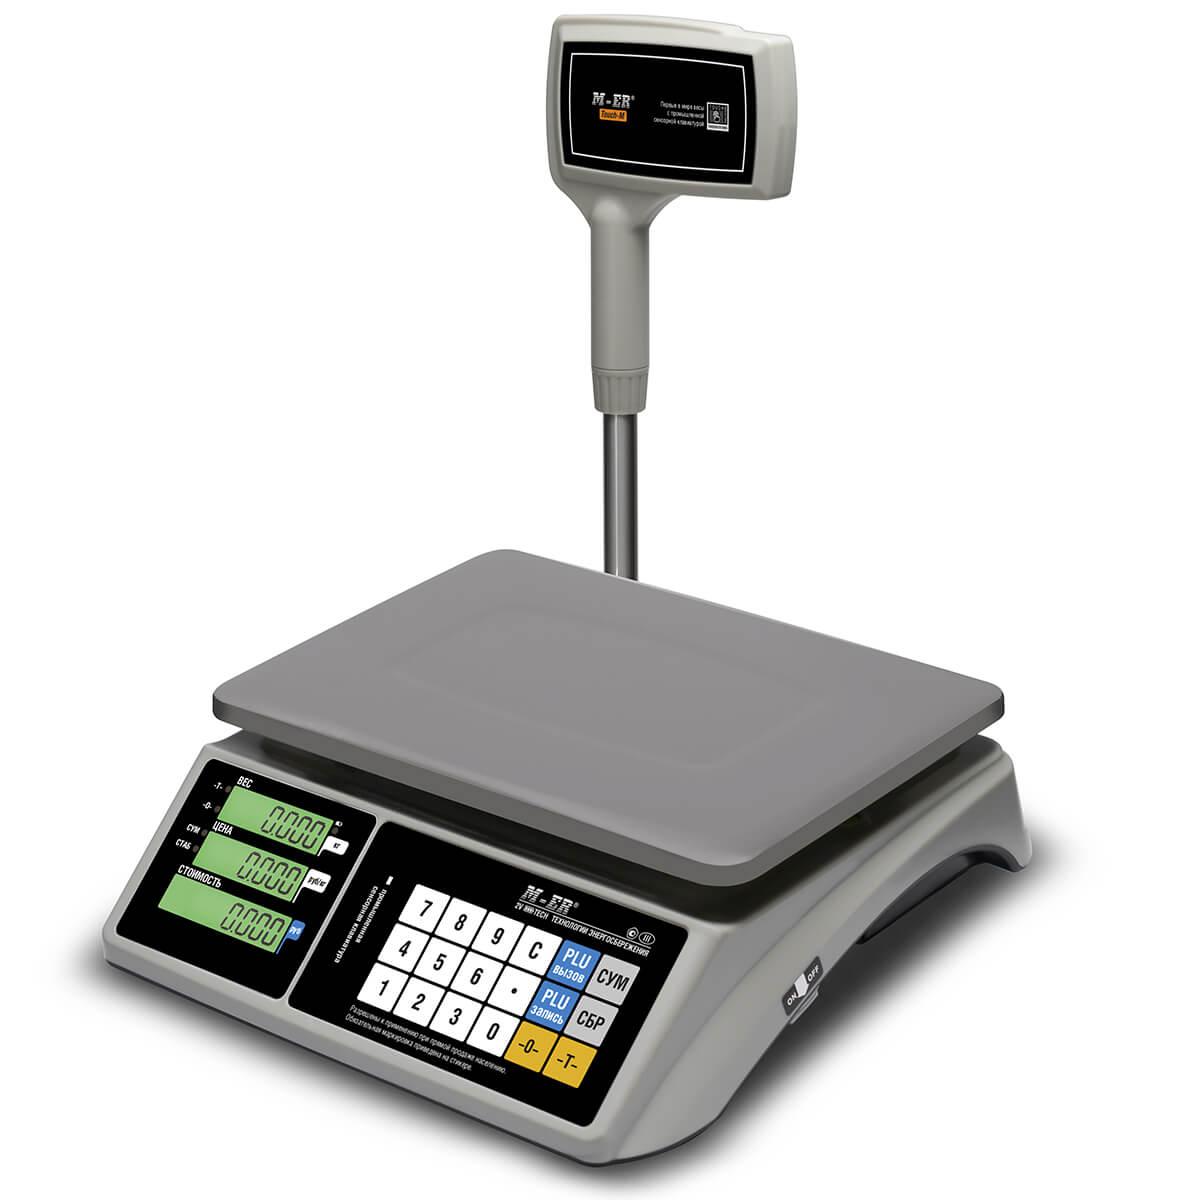 Торговые настольные весы M-ER 328 ACPX-15.2 «TOUCH-M» LCD RS232 и USB